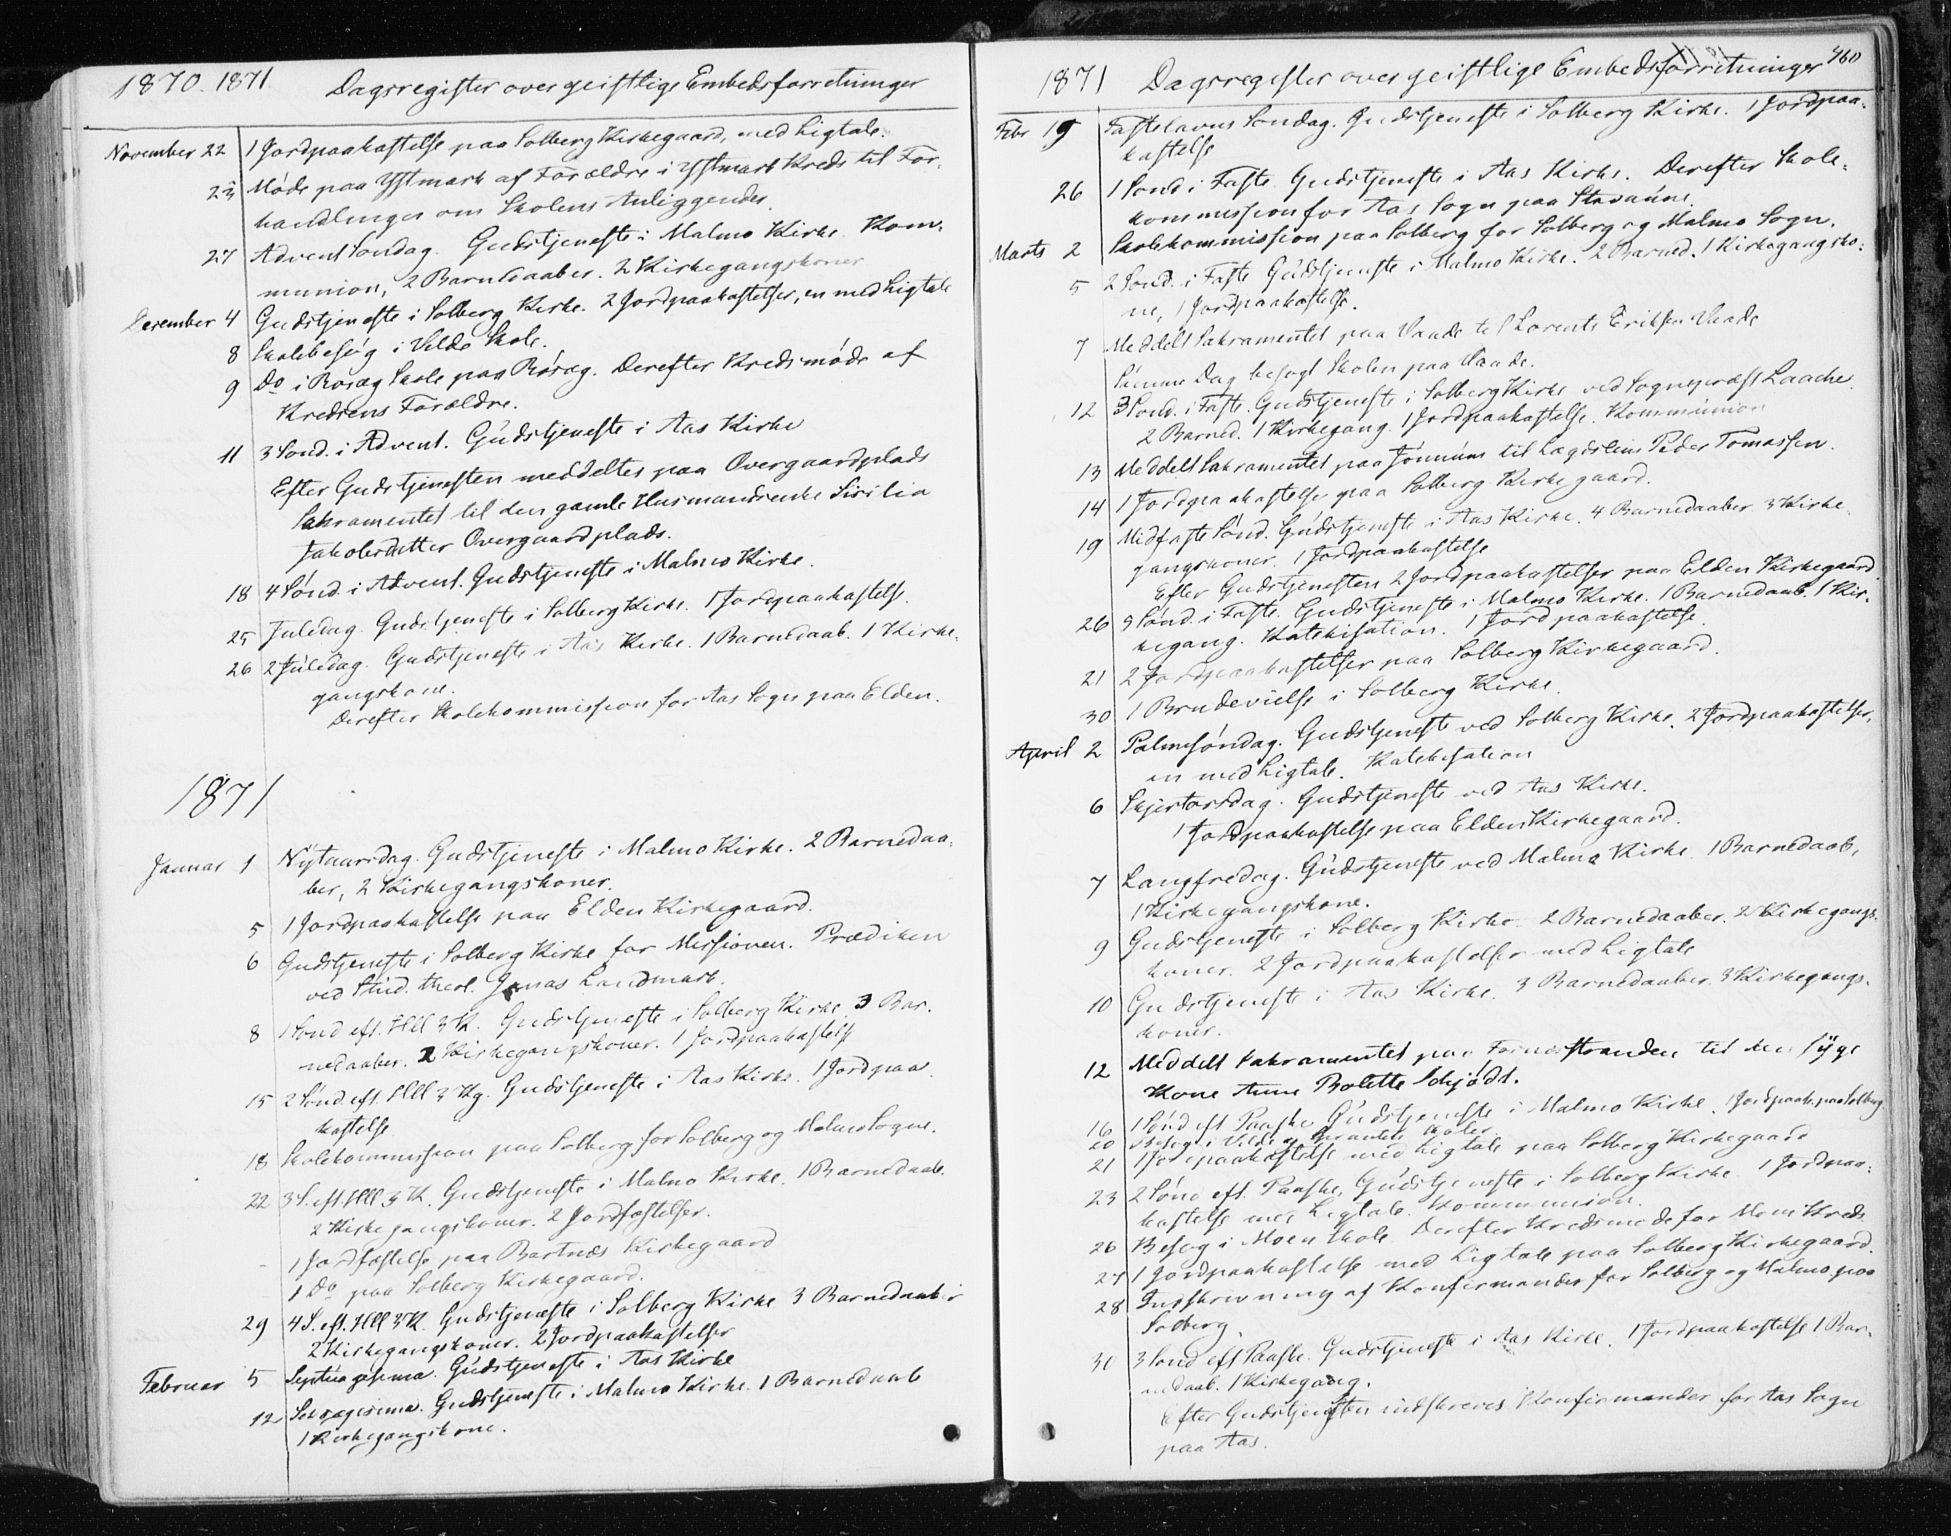 SAT, Ministerialprotokoller, klokkerbøker og fødselsregistre - Nord-Trøndelag, 741/L0394: Ministerialbok nr. 741A08, 1864-1877, s. 460